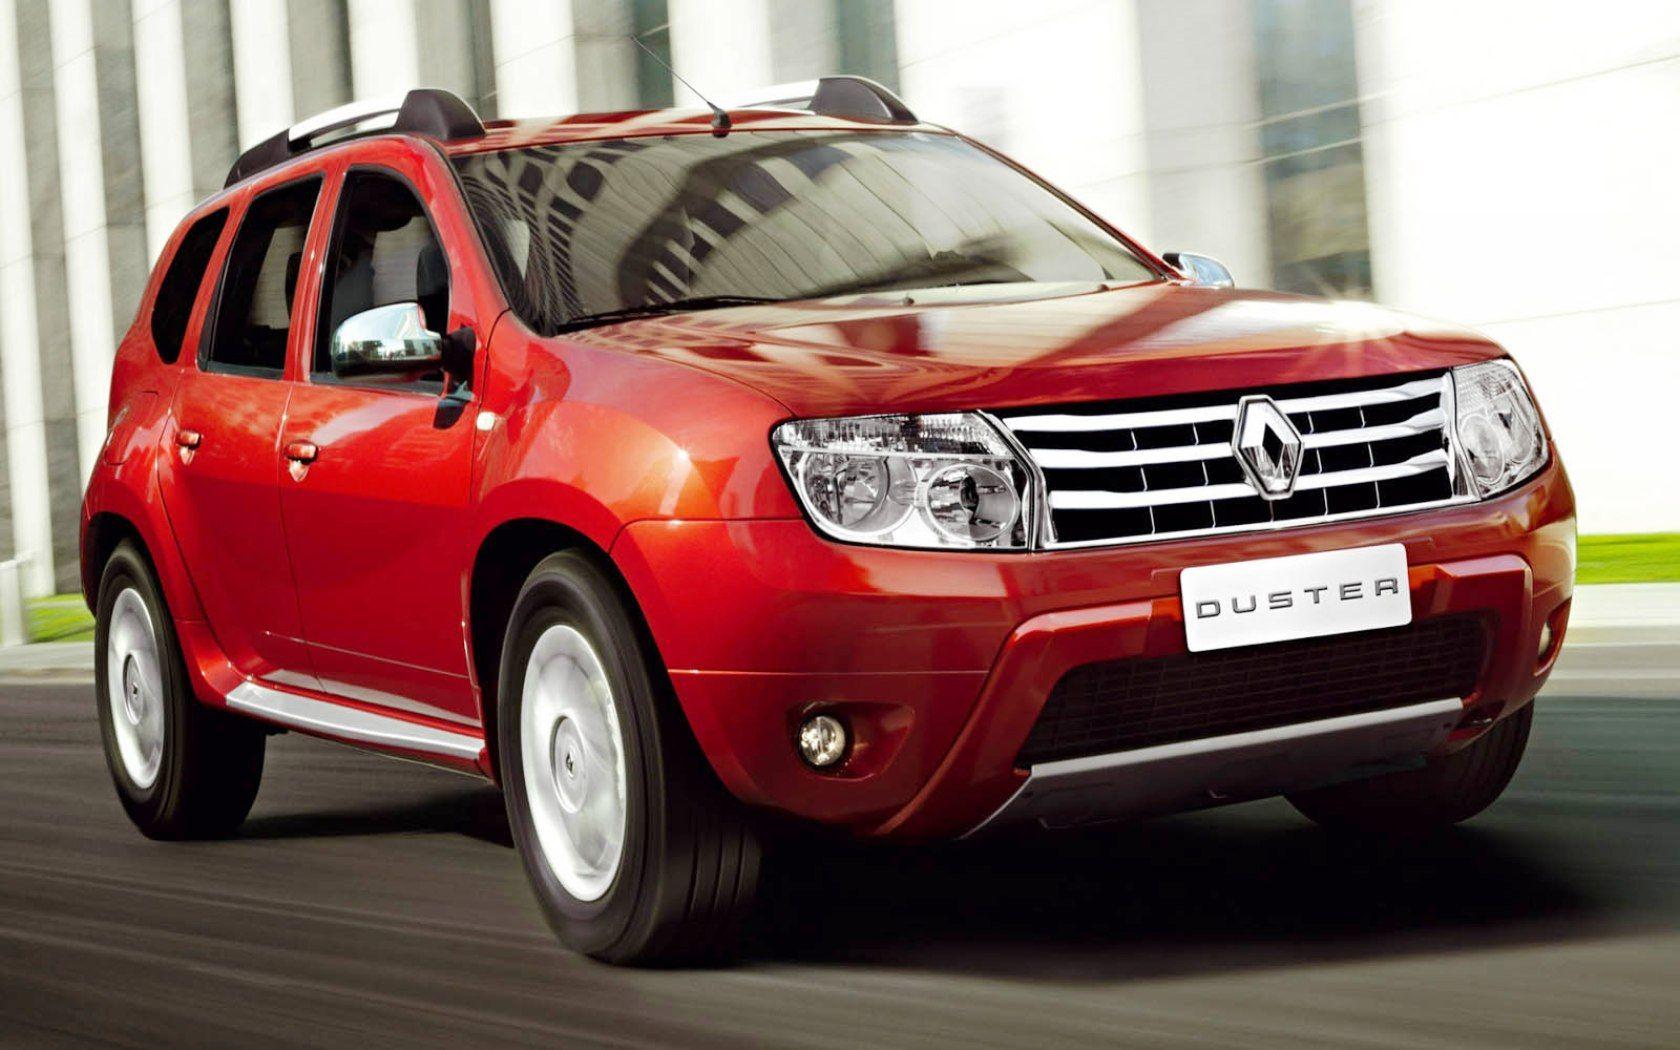 Renault Duster Red Car Hd Wallpaper Car Pixo Renault Cars